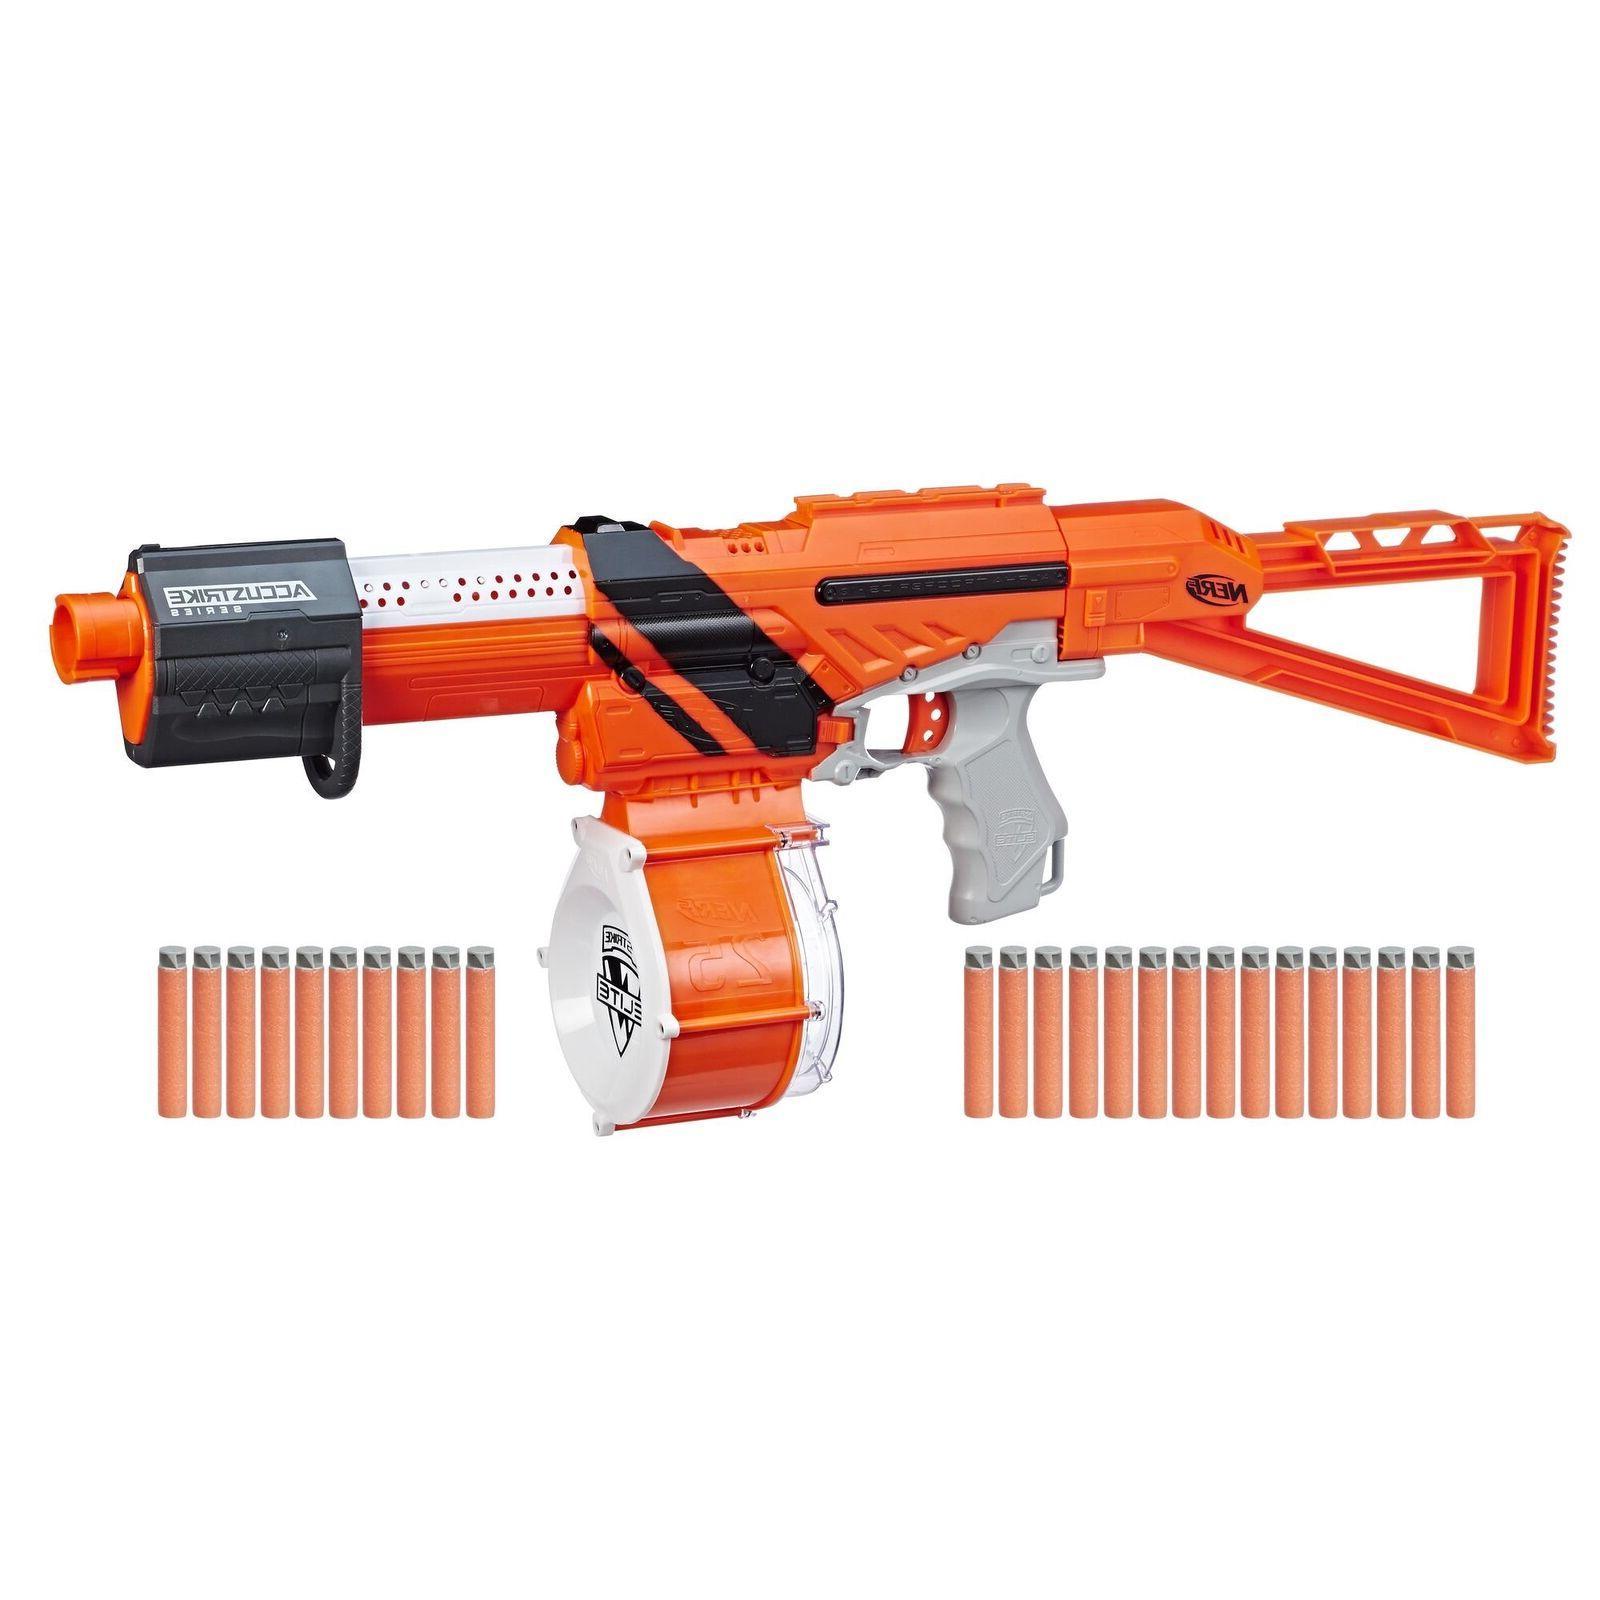 Big Nerf Guns For Boys Years Big Guns Cheap for girls